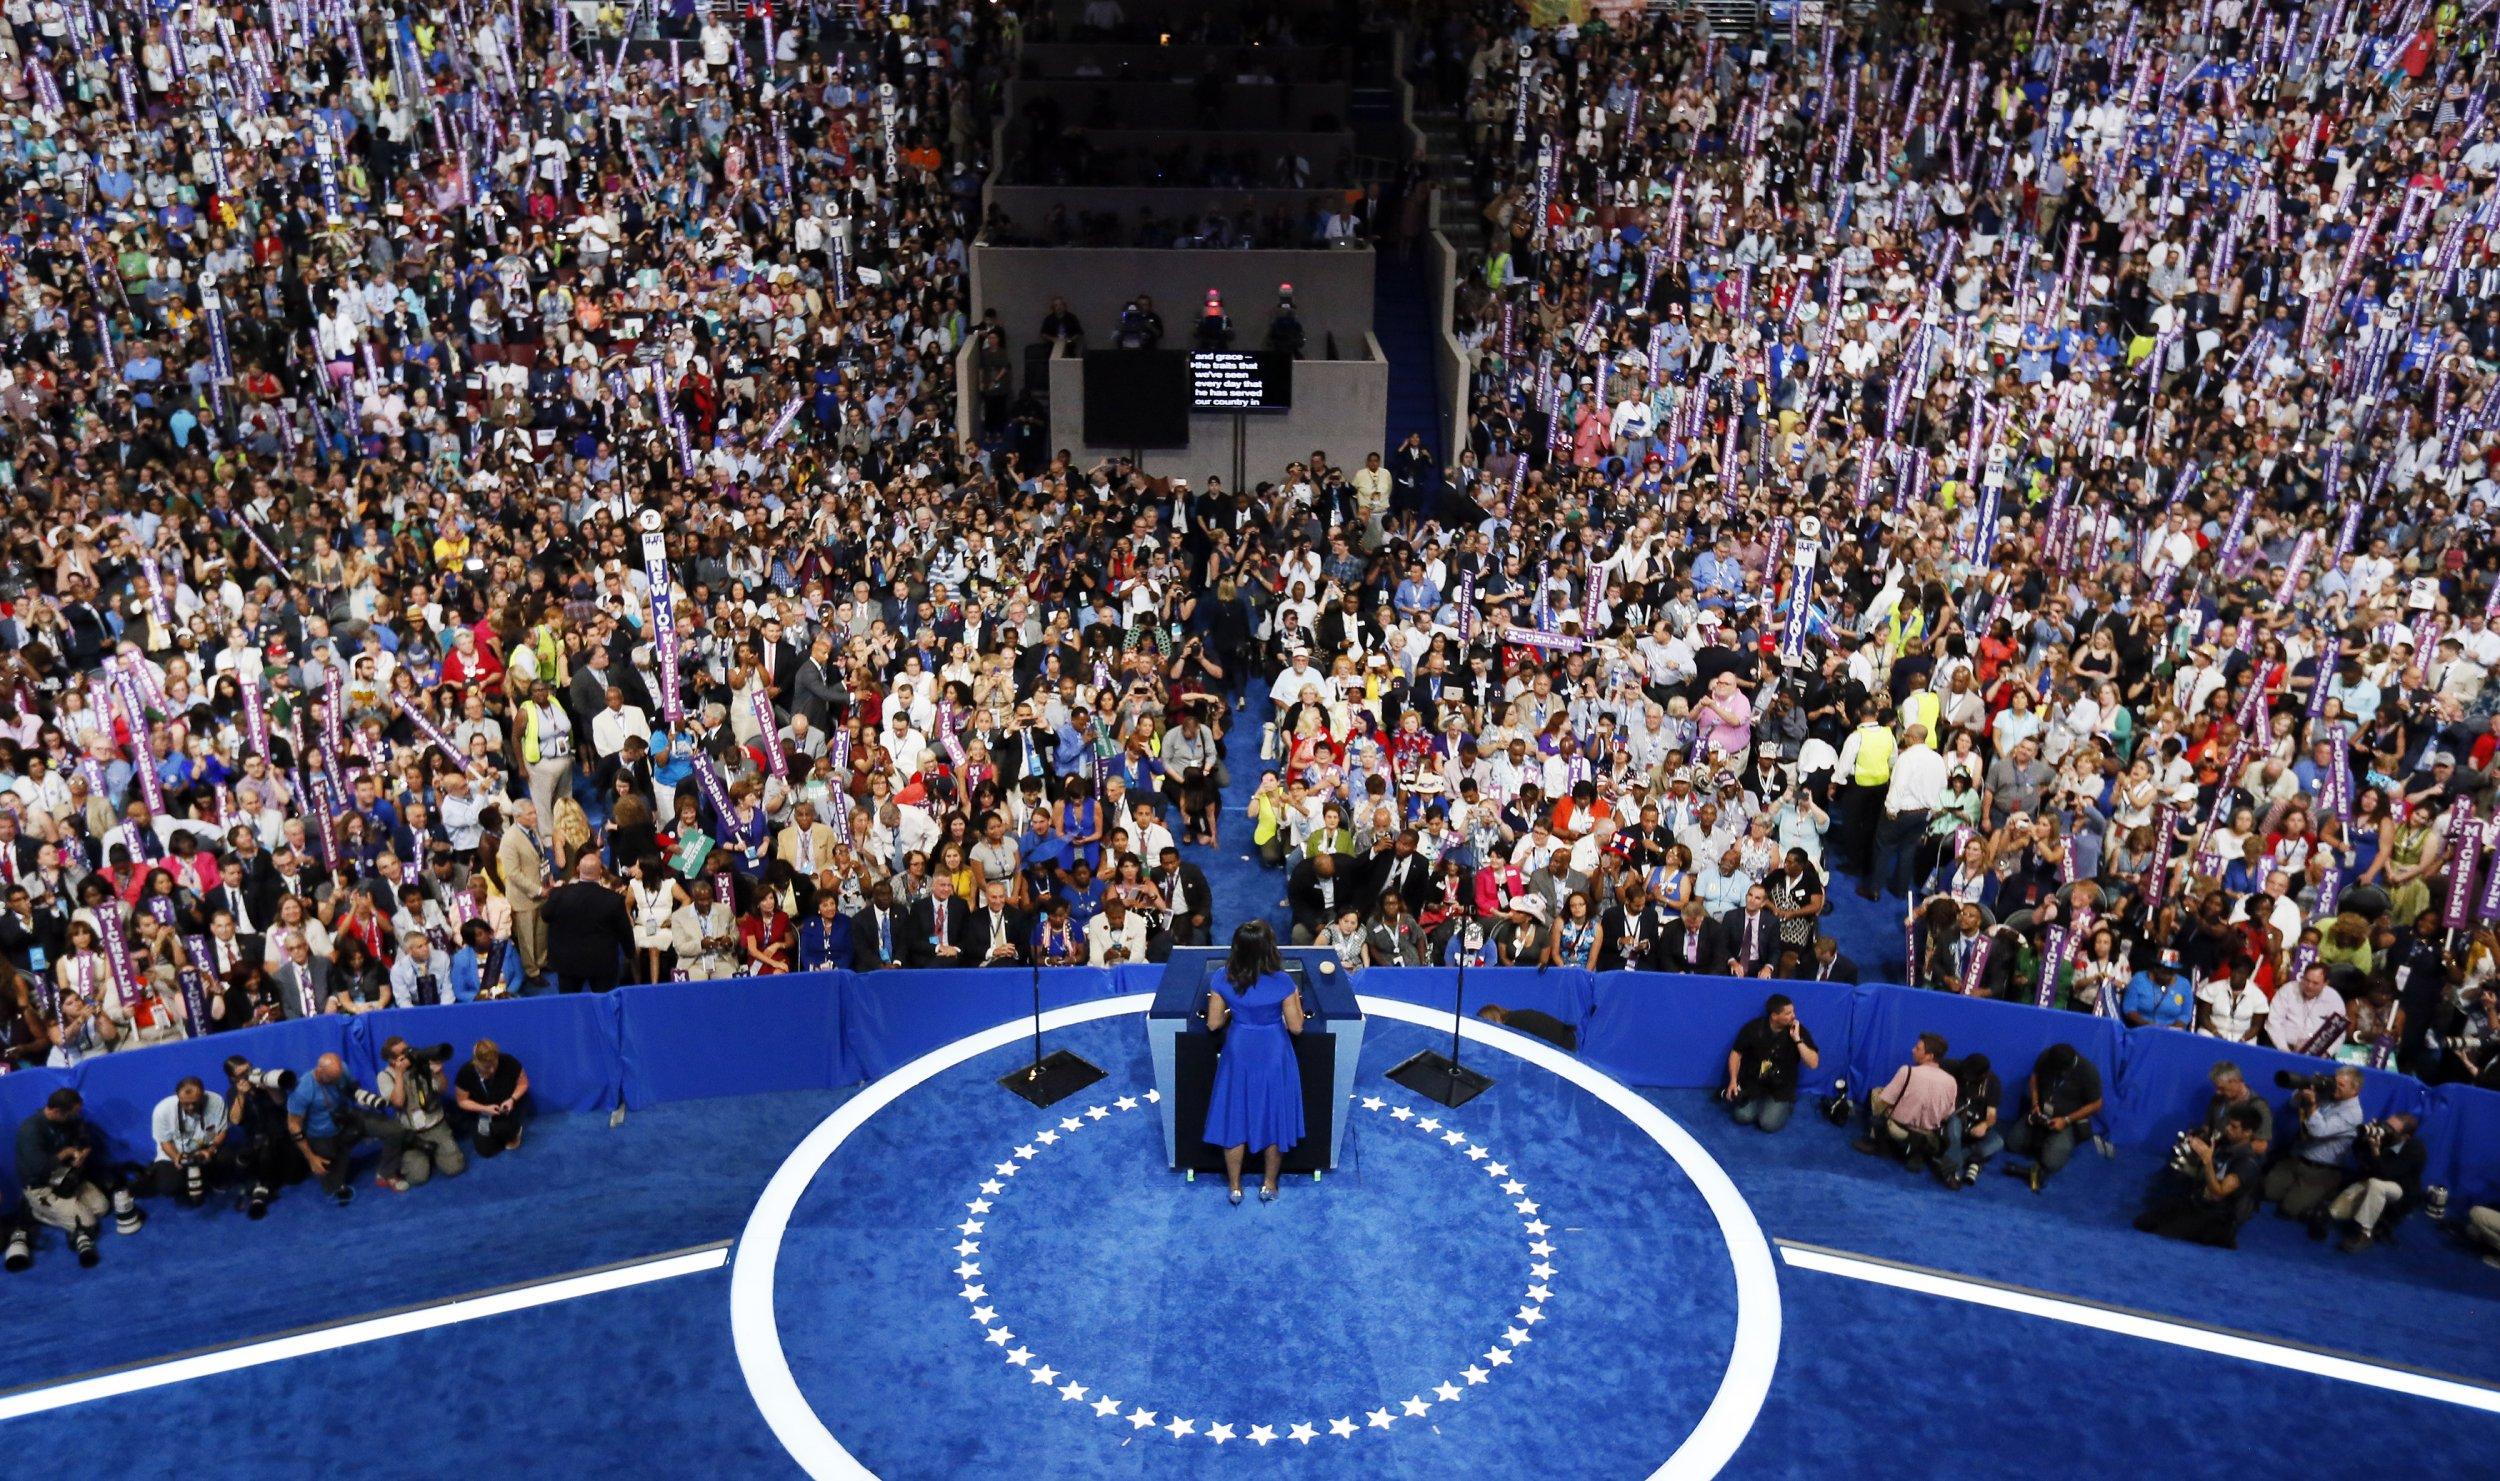 07_26_michelle_obama_transcript_01